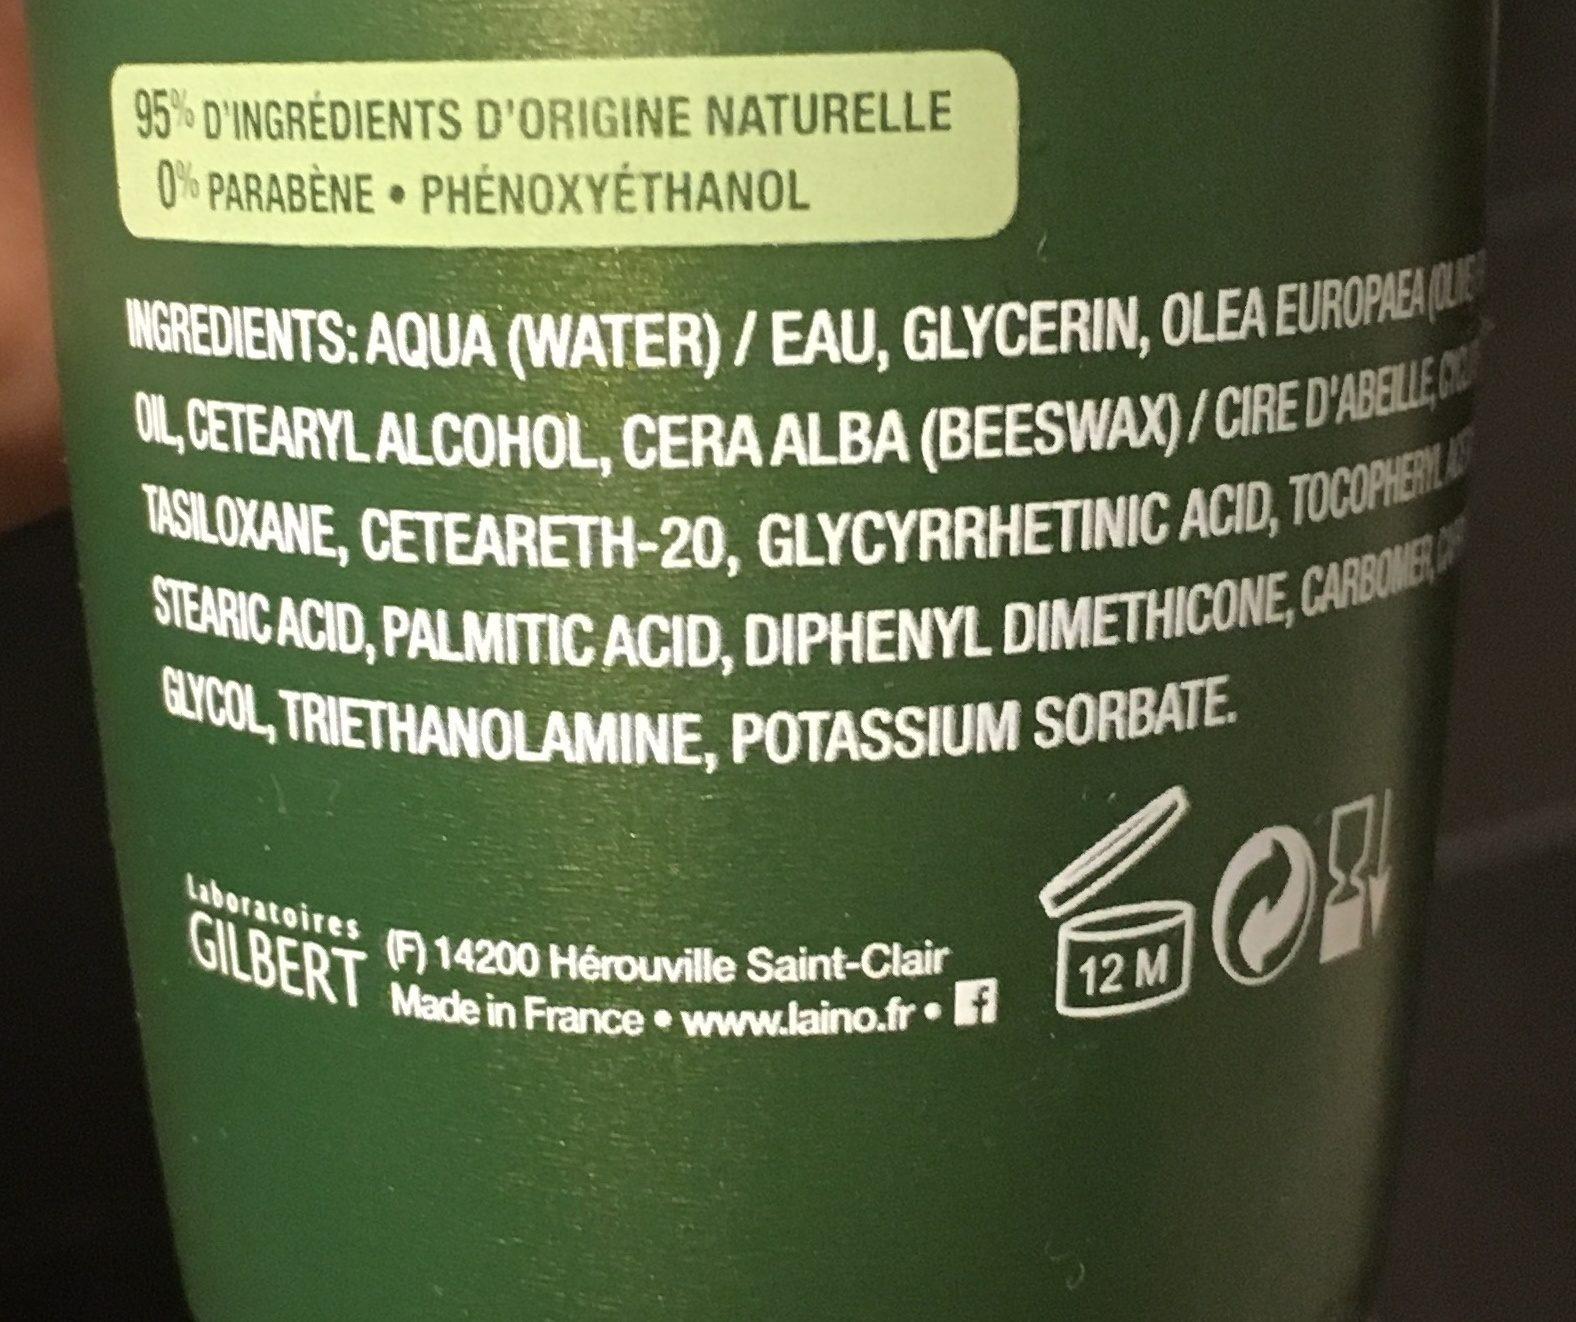 Laino Lait Nutritif Intense Peaux Extra Sèches Flacon Pompe De - Ingredients - fr